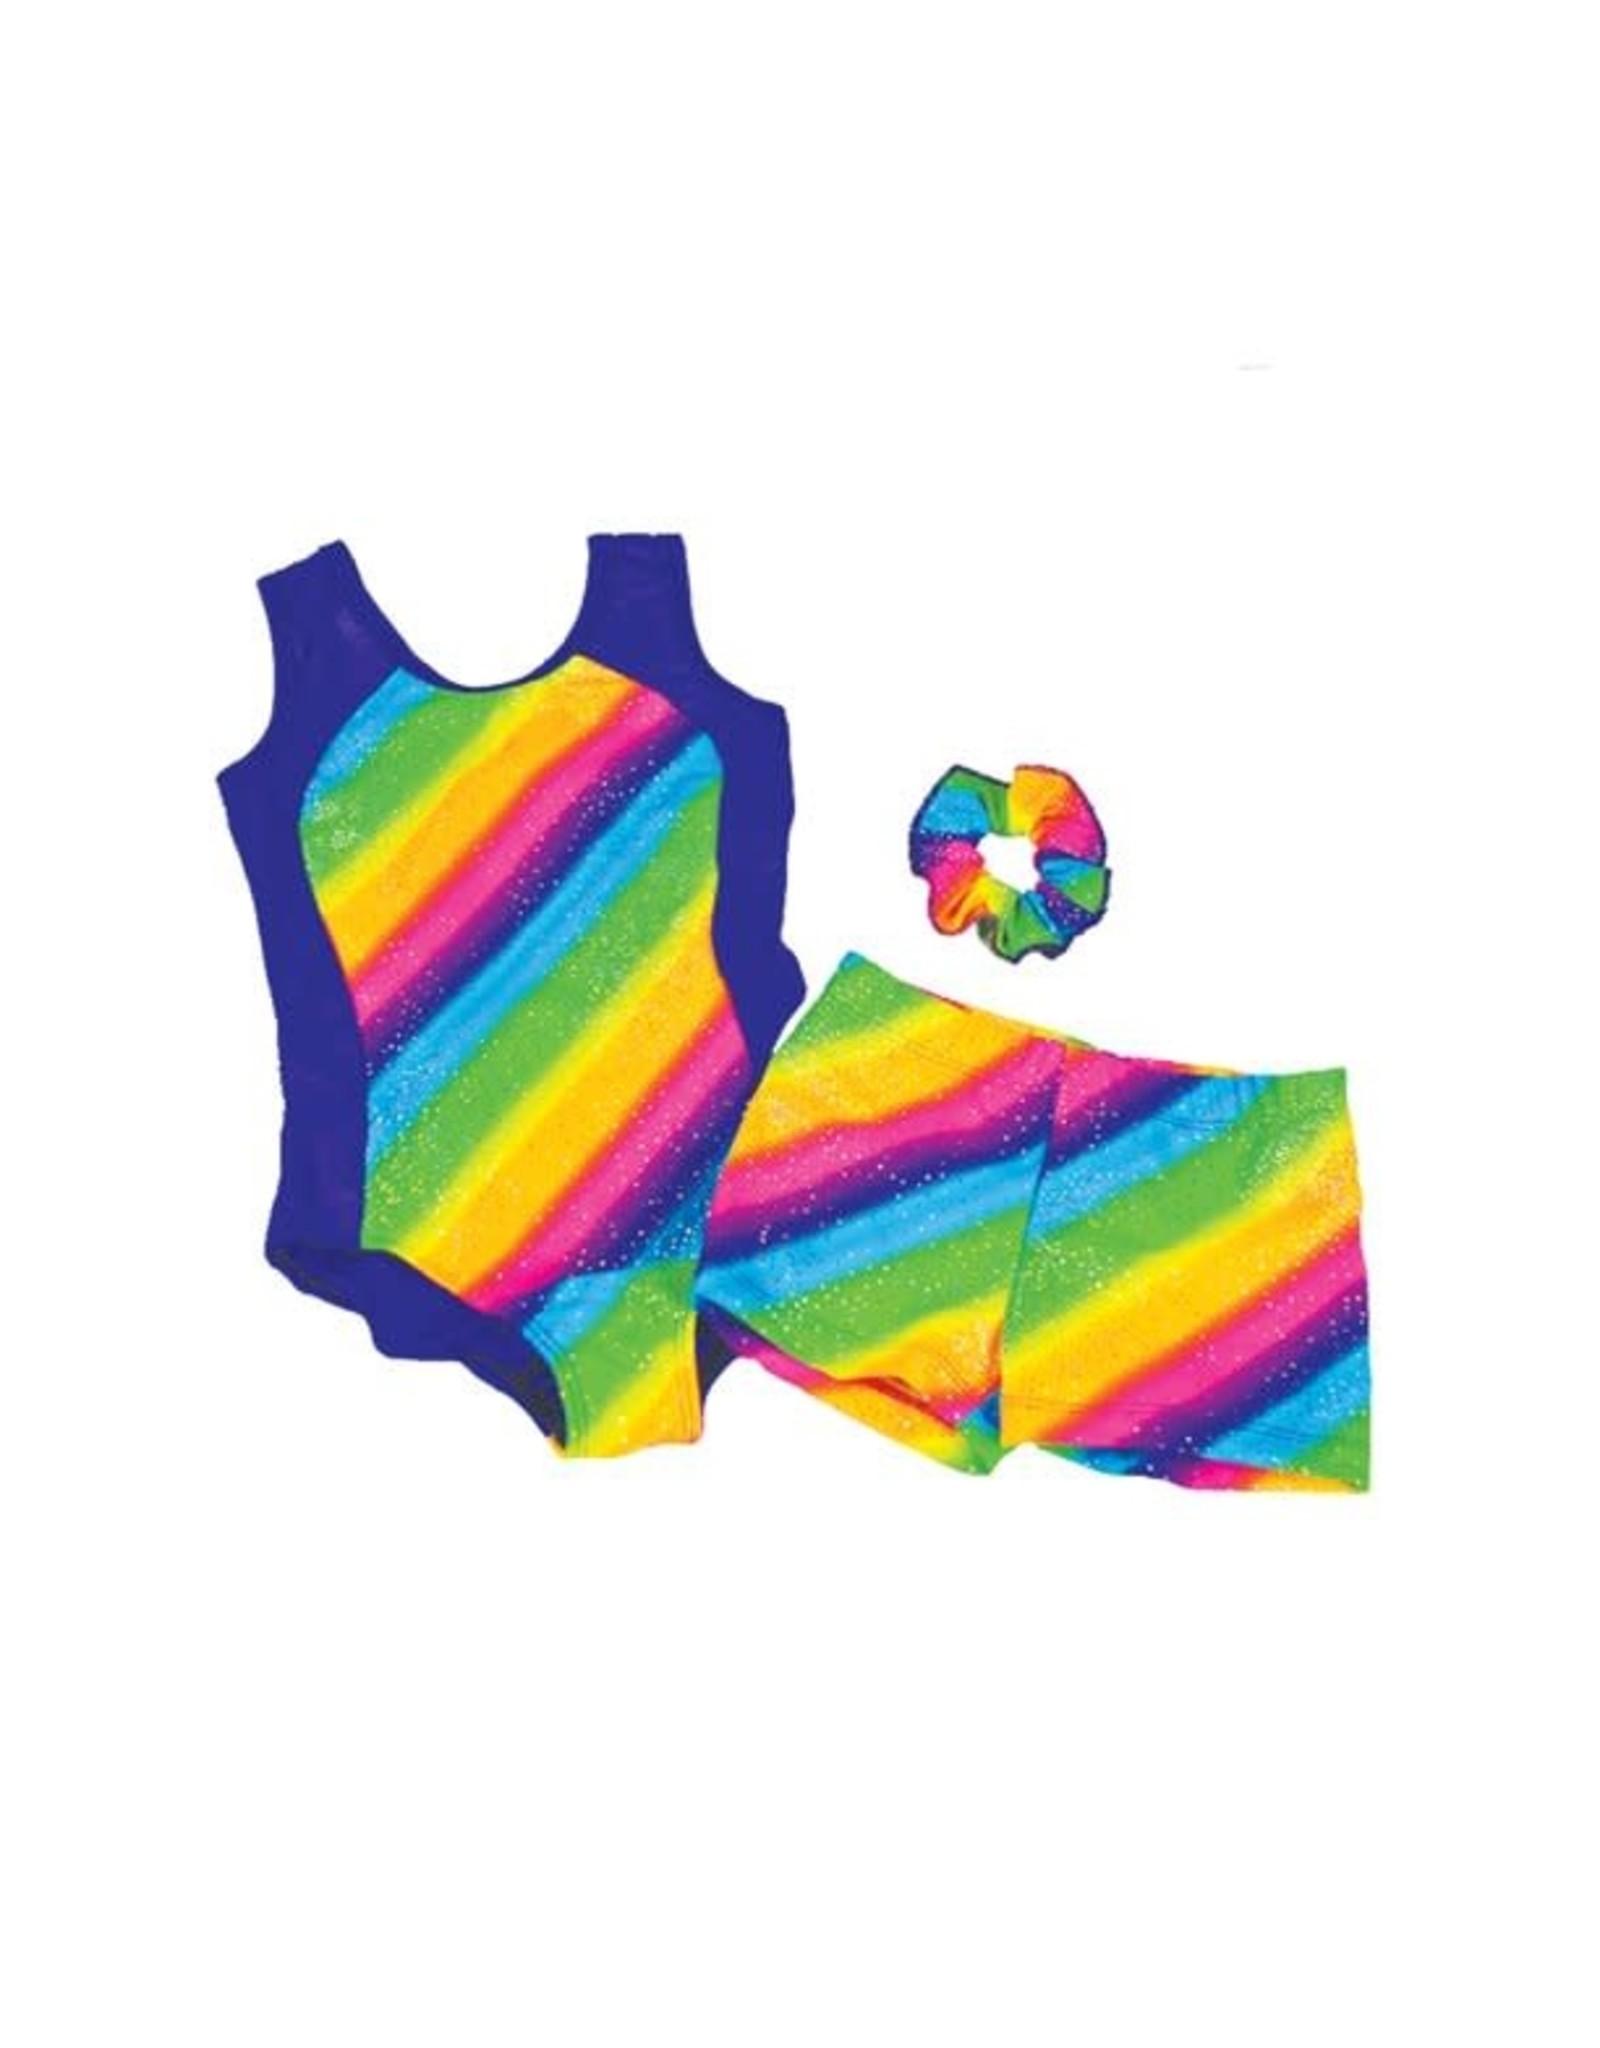 Reflectionz Reflectionz Rainbow Stripe Leotard